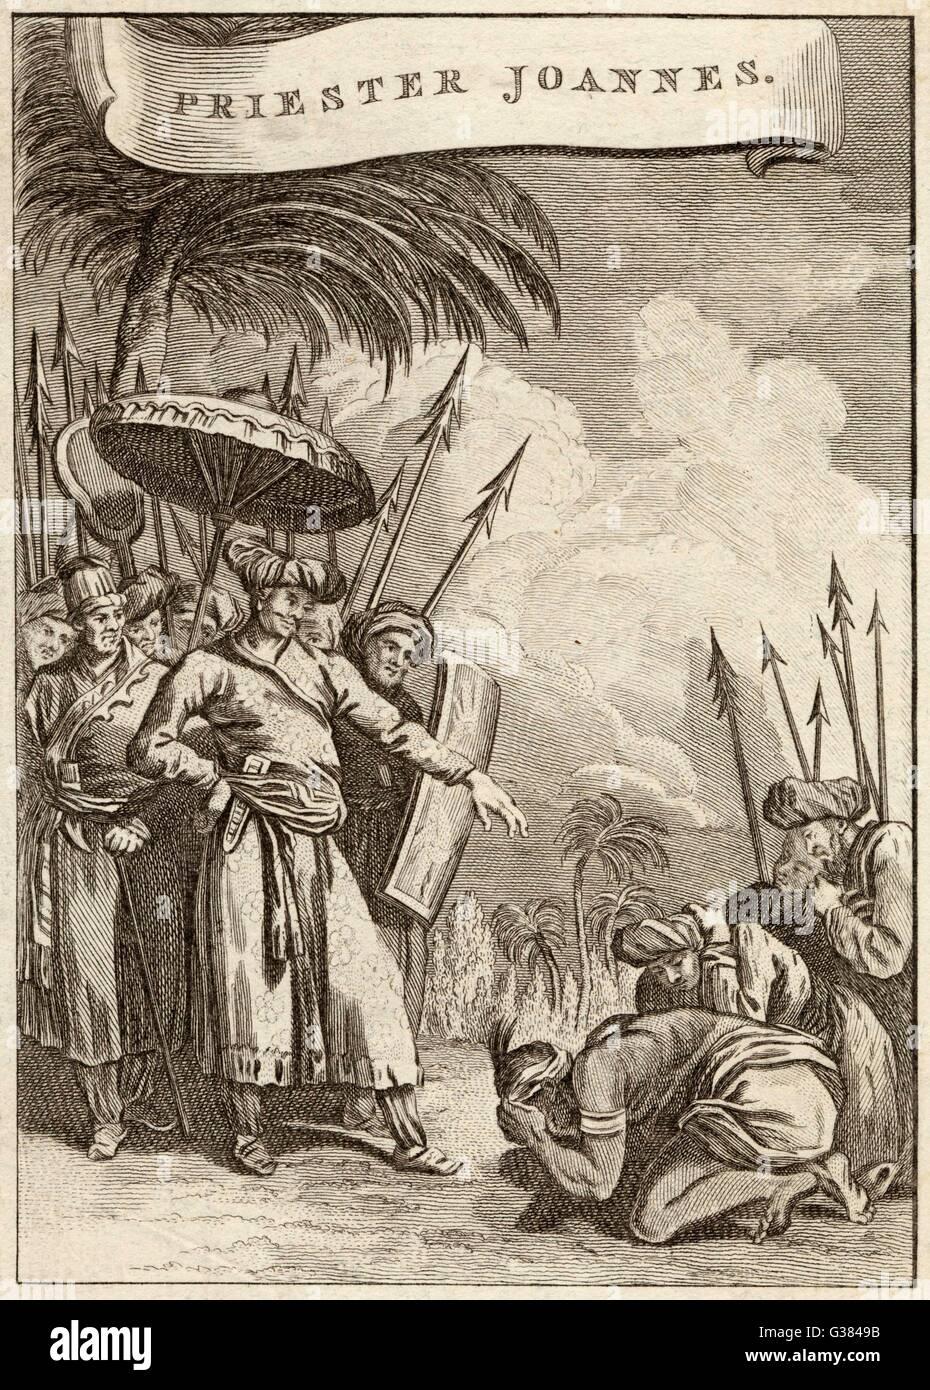 PRESTER JOHN legendären christlichen König und Priester des Mittelalters Datum:- Stockbild